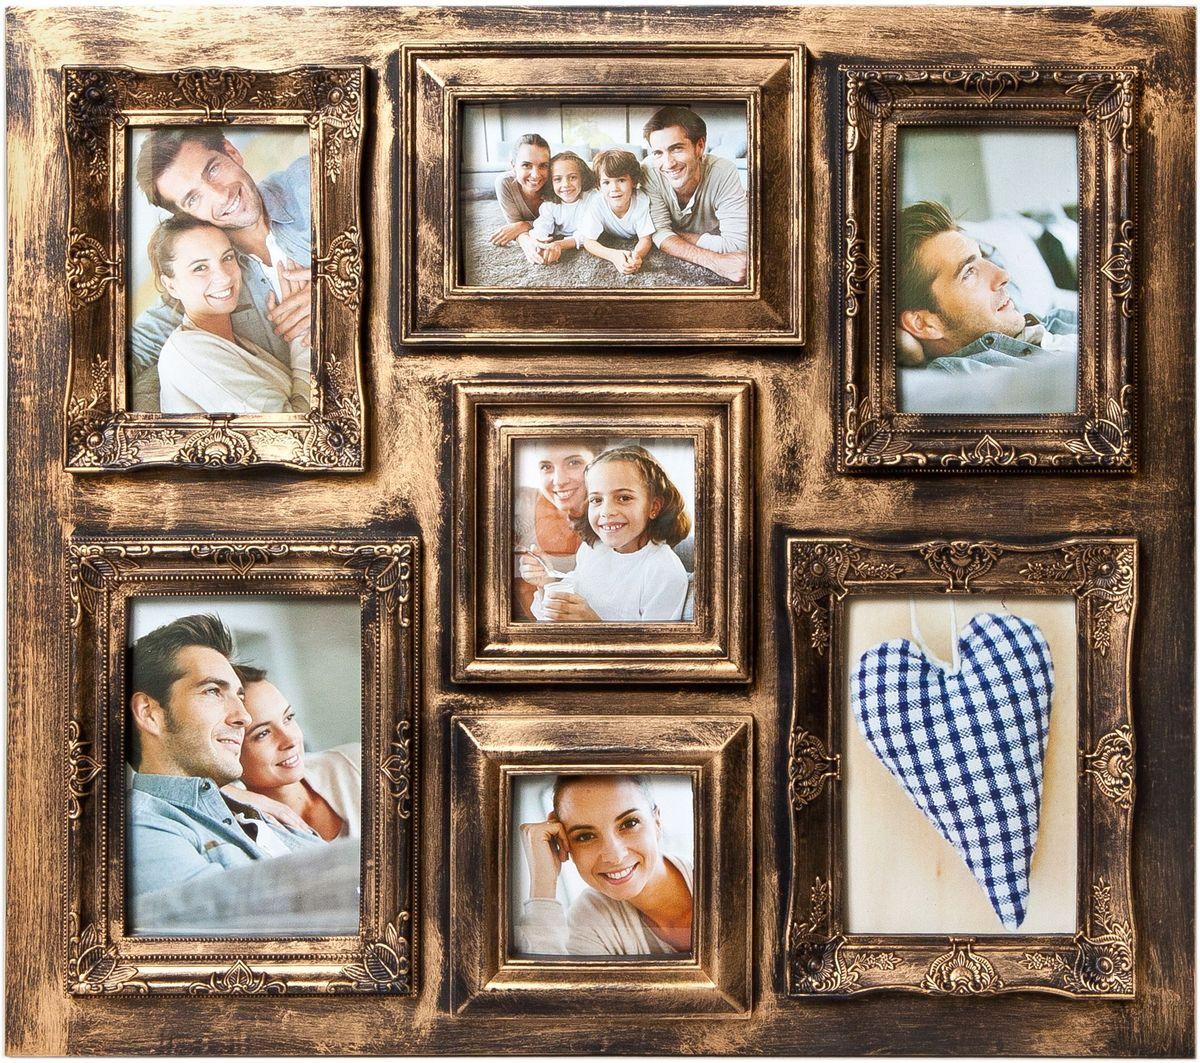 Фоторамка Platinum, цвет: золотистый, на 7 фото25051 7_зеленыйФоторамка Platinum - прекрасный способ красиво оформить ваши фотографии. Фоторамка выполнена из пластика и защищена стеклом. Фоторамка-коллаж оригинального дизайна представляет собой фоторамку на семь фото разного размера. Такая фоторамка поможет сохранить в памяти самые яркие моменты вашей жизни, а стильный дизайн сделает ее прекрасным дополнением интерьера комнаты.Фоторамка подходит для 5 фото 10 х 15 см и 2 фото 10 х 10 см.Общий размер фоторамки: 58 х 51 см.